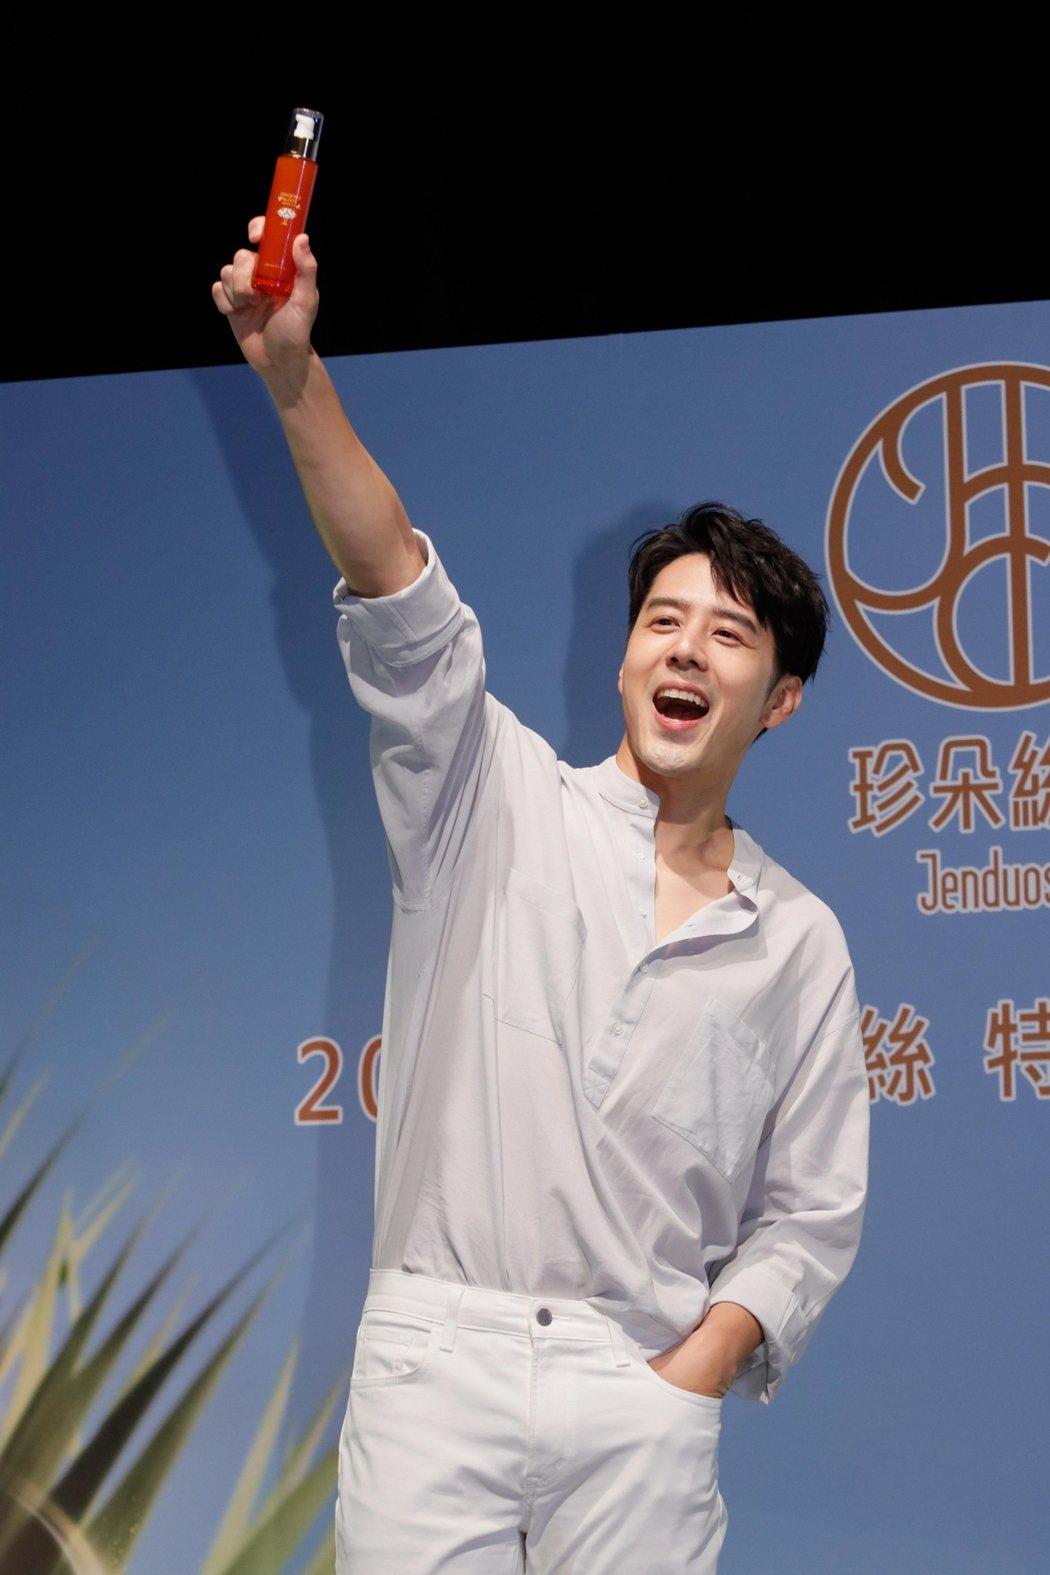 胡宇威代言保養品,透露最近看了「全明星運動會」的新聞很憂心。記者 李政龍/攝影